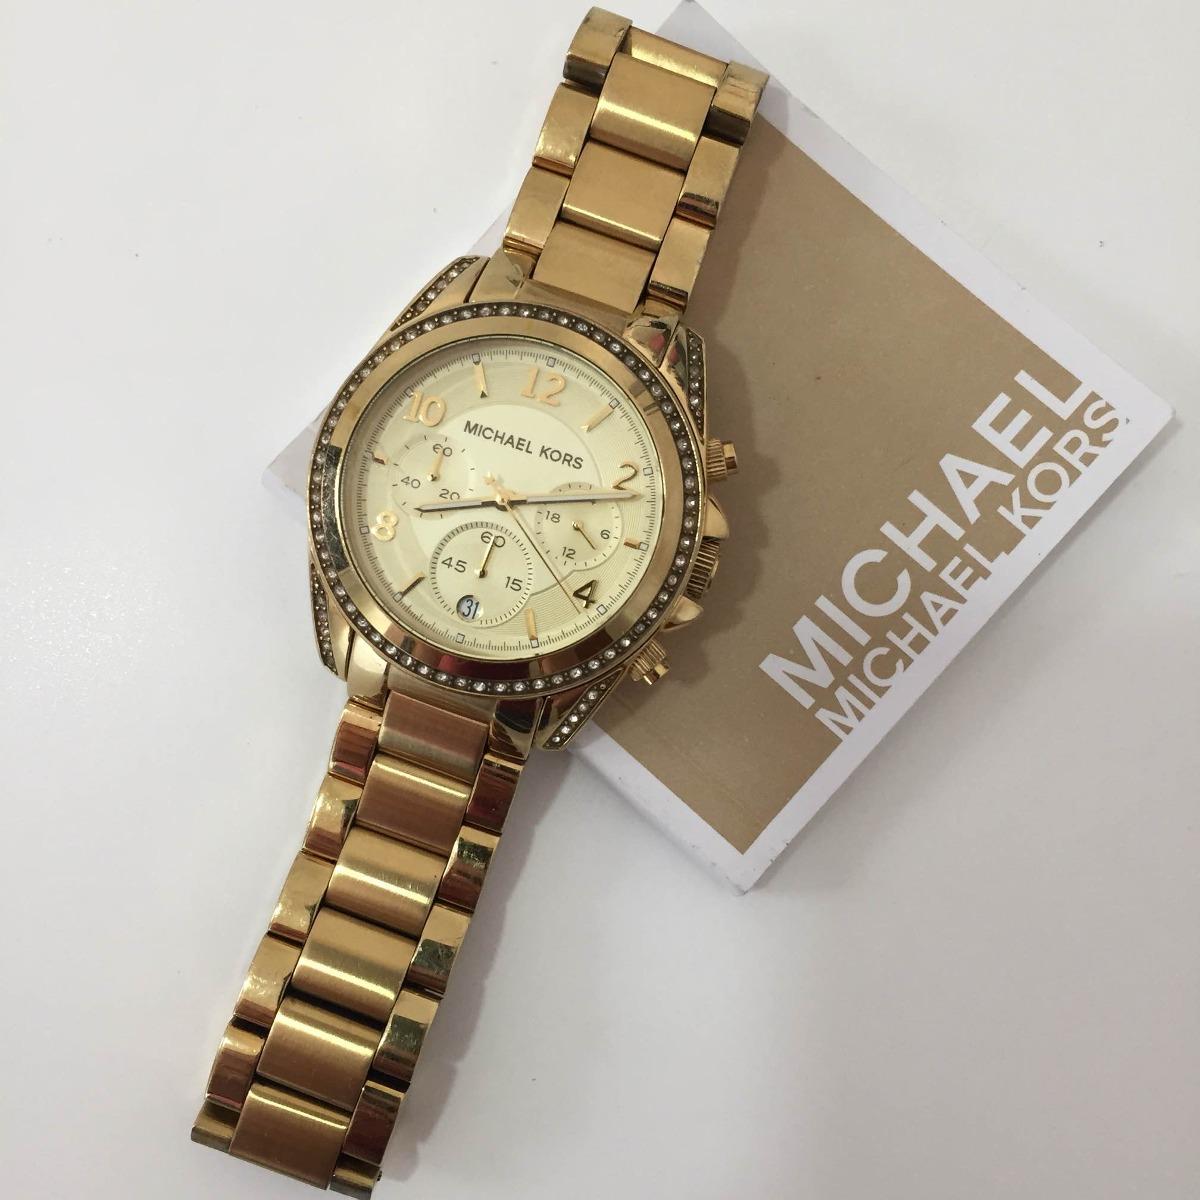 d739cabb6bf relógio michael kors mk 5166 dourado. Carregando zoom.